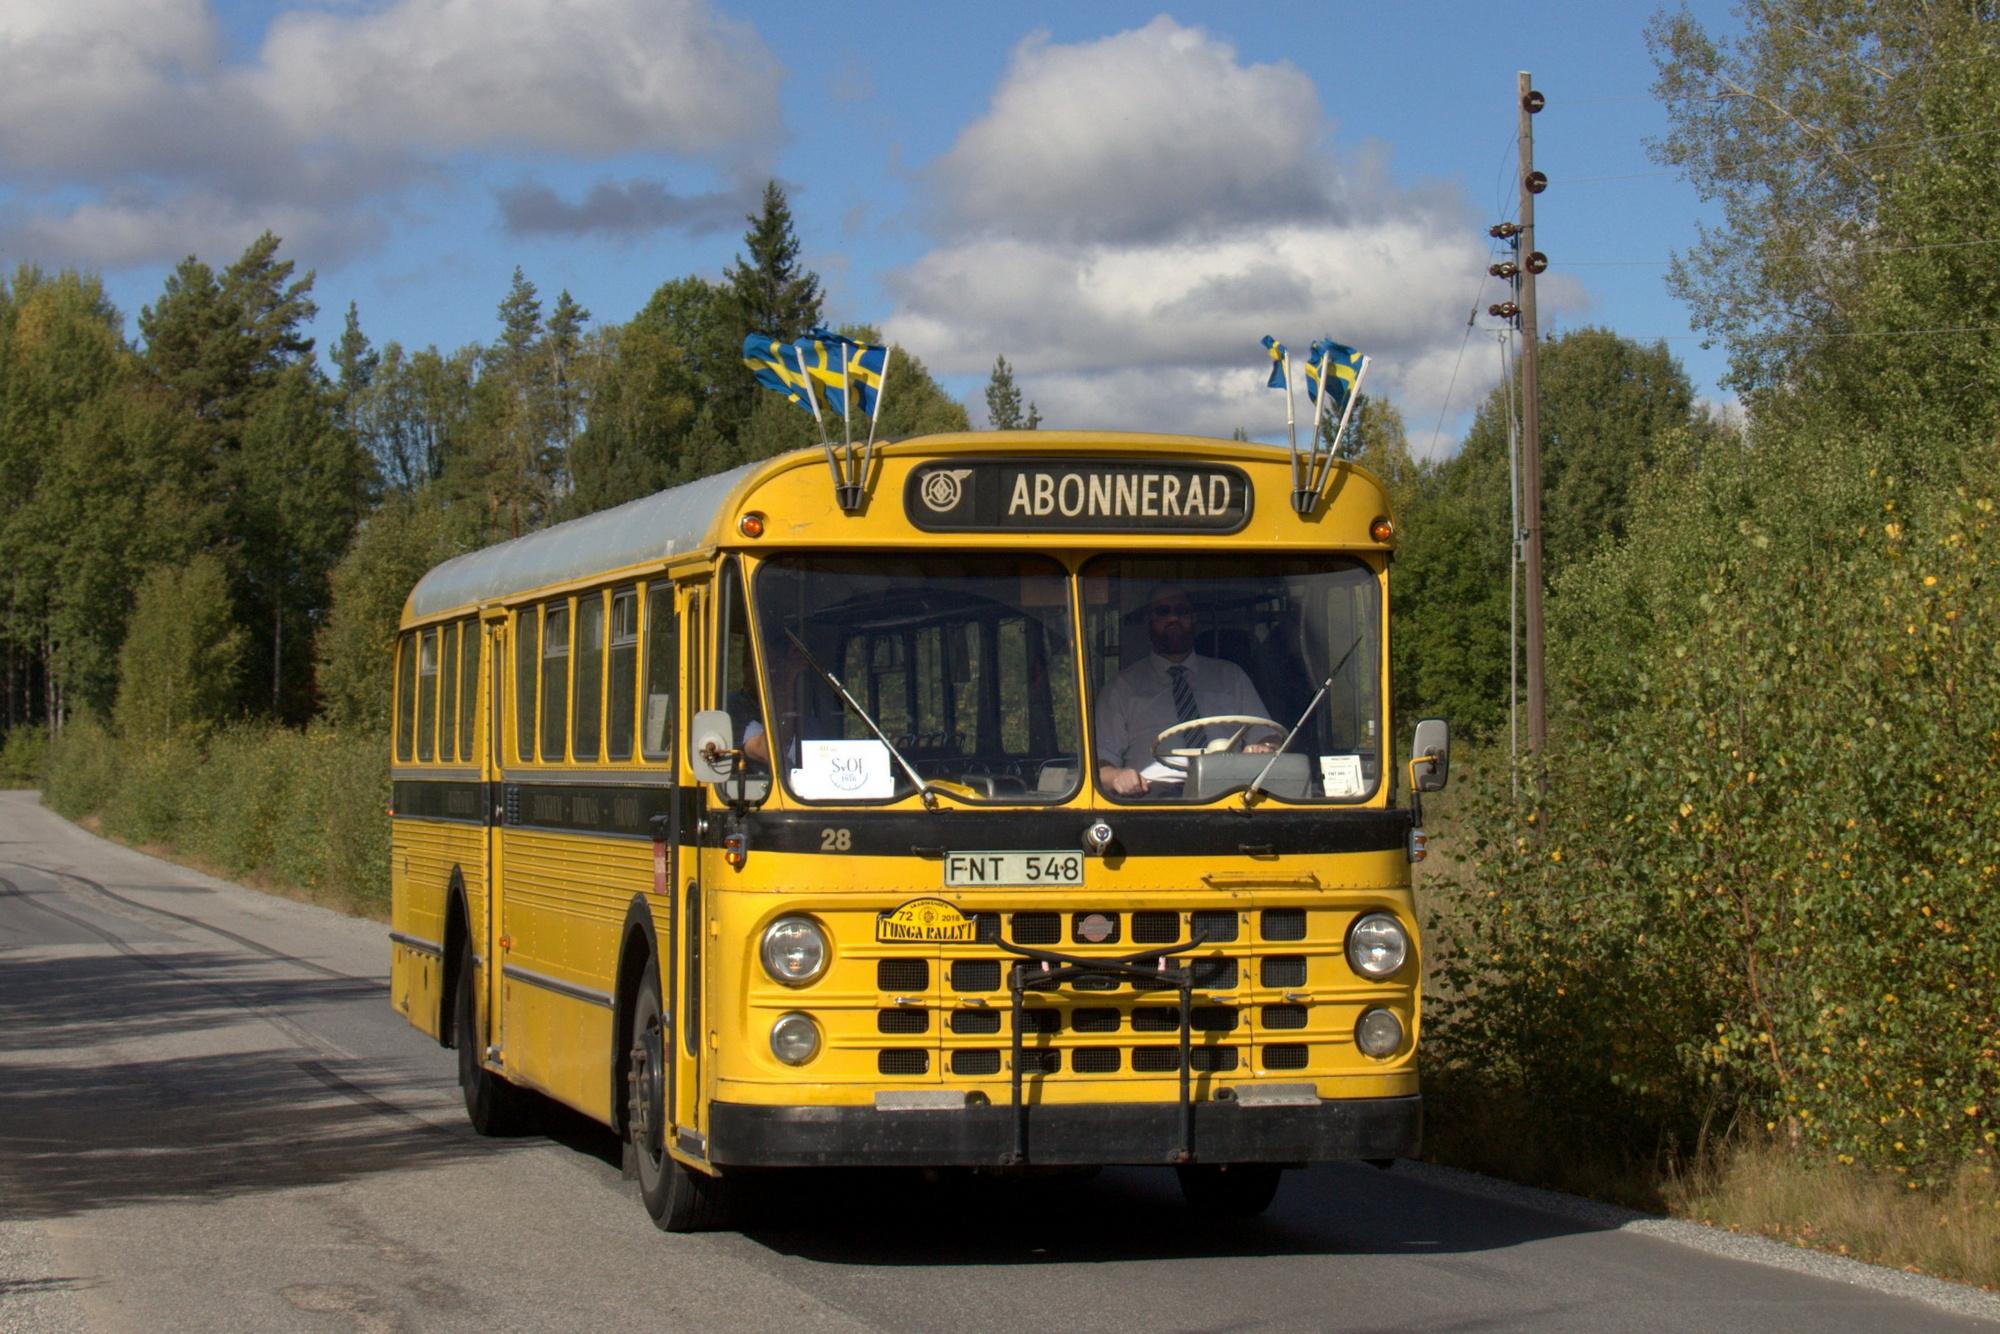 BSBV 28 / SL H63 7028 – 1965